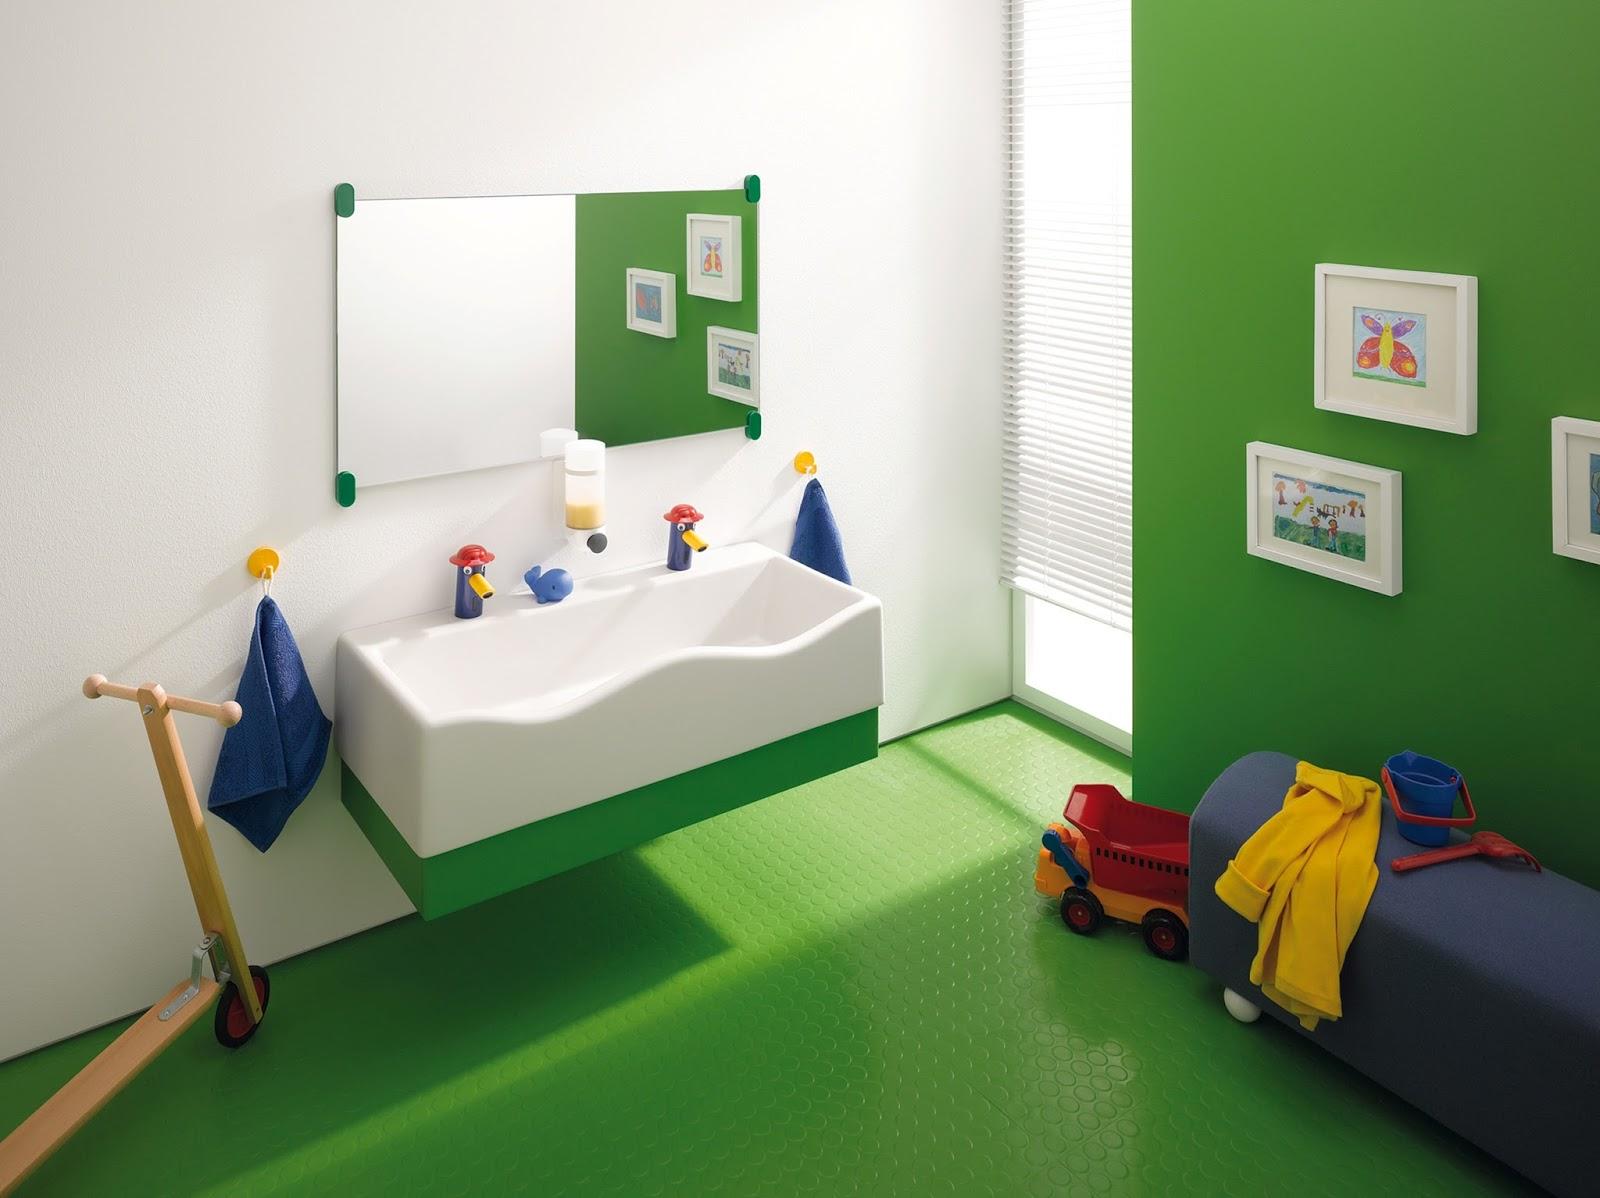 ... Sein Kann: Frei Zugängliche Steckdosen, Armaturen Und Jede Menge  Elektrogeräte. Lesen Sie Hier, Wie Sie Ihr Badezimmer Kindersicher  Gestalten: